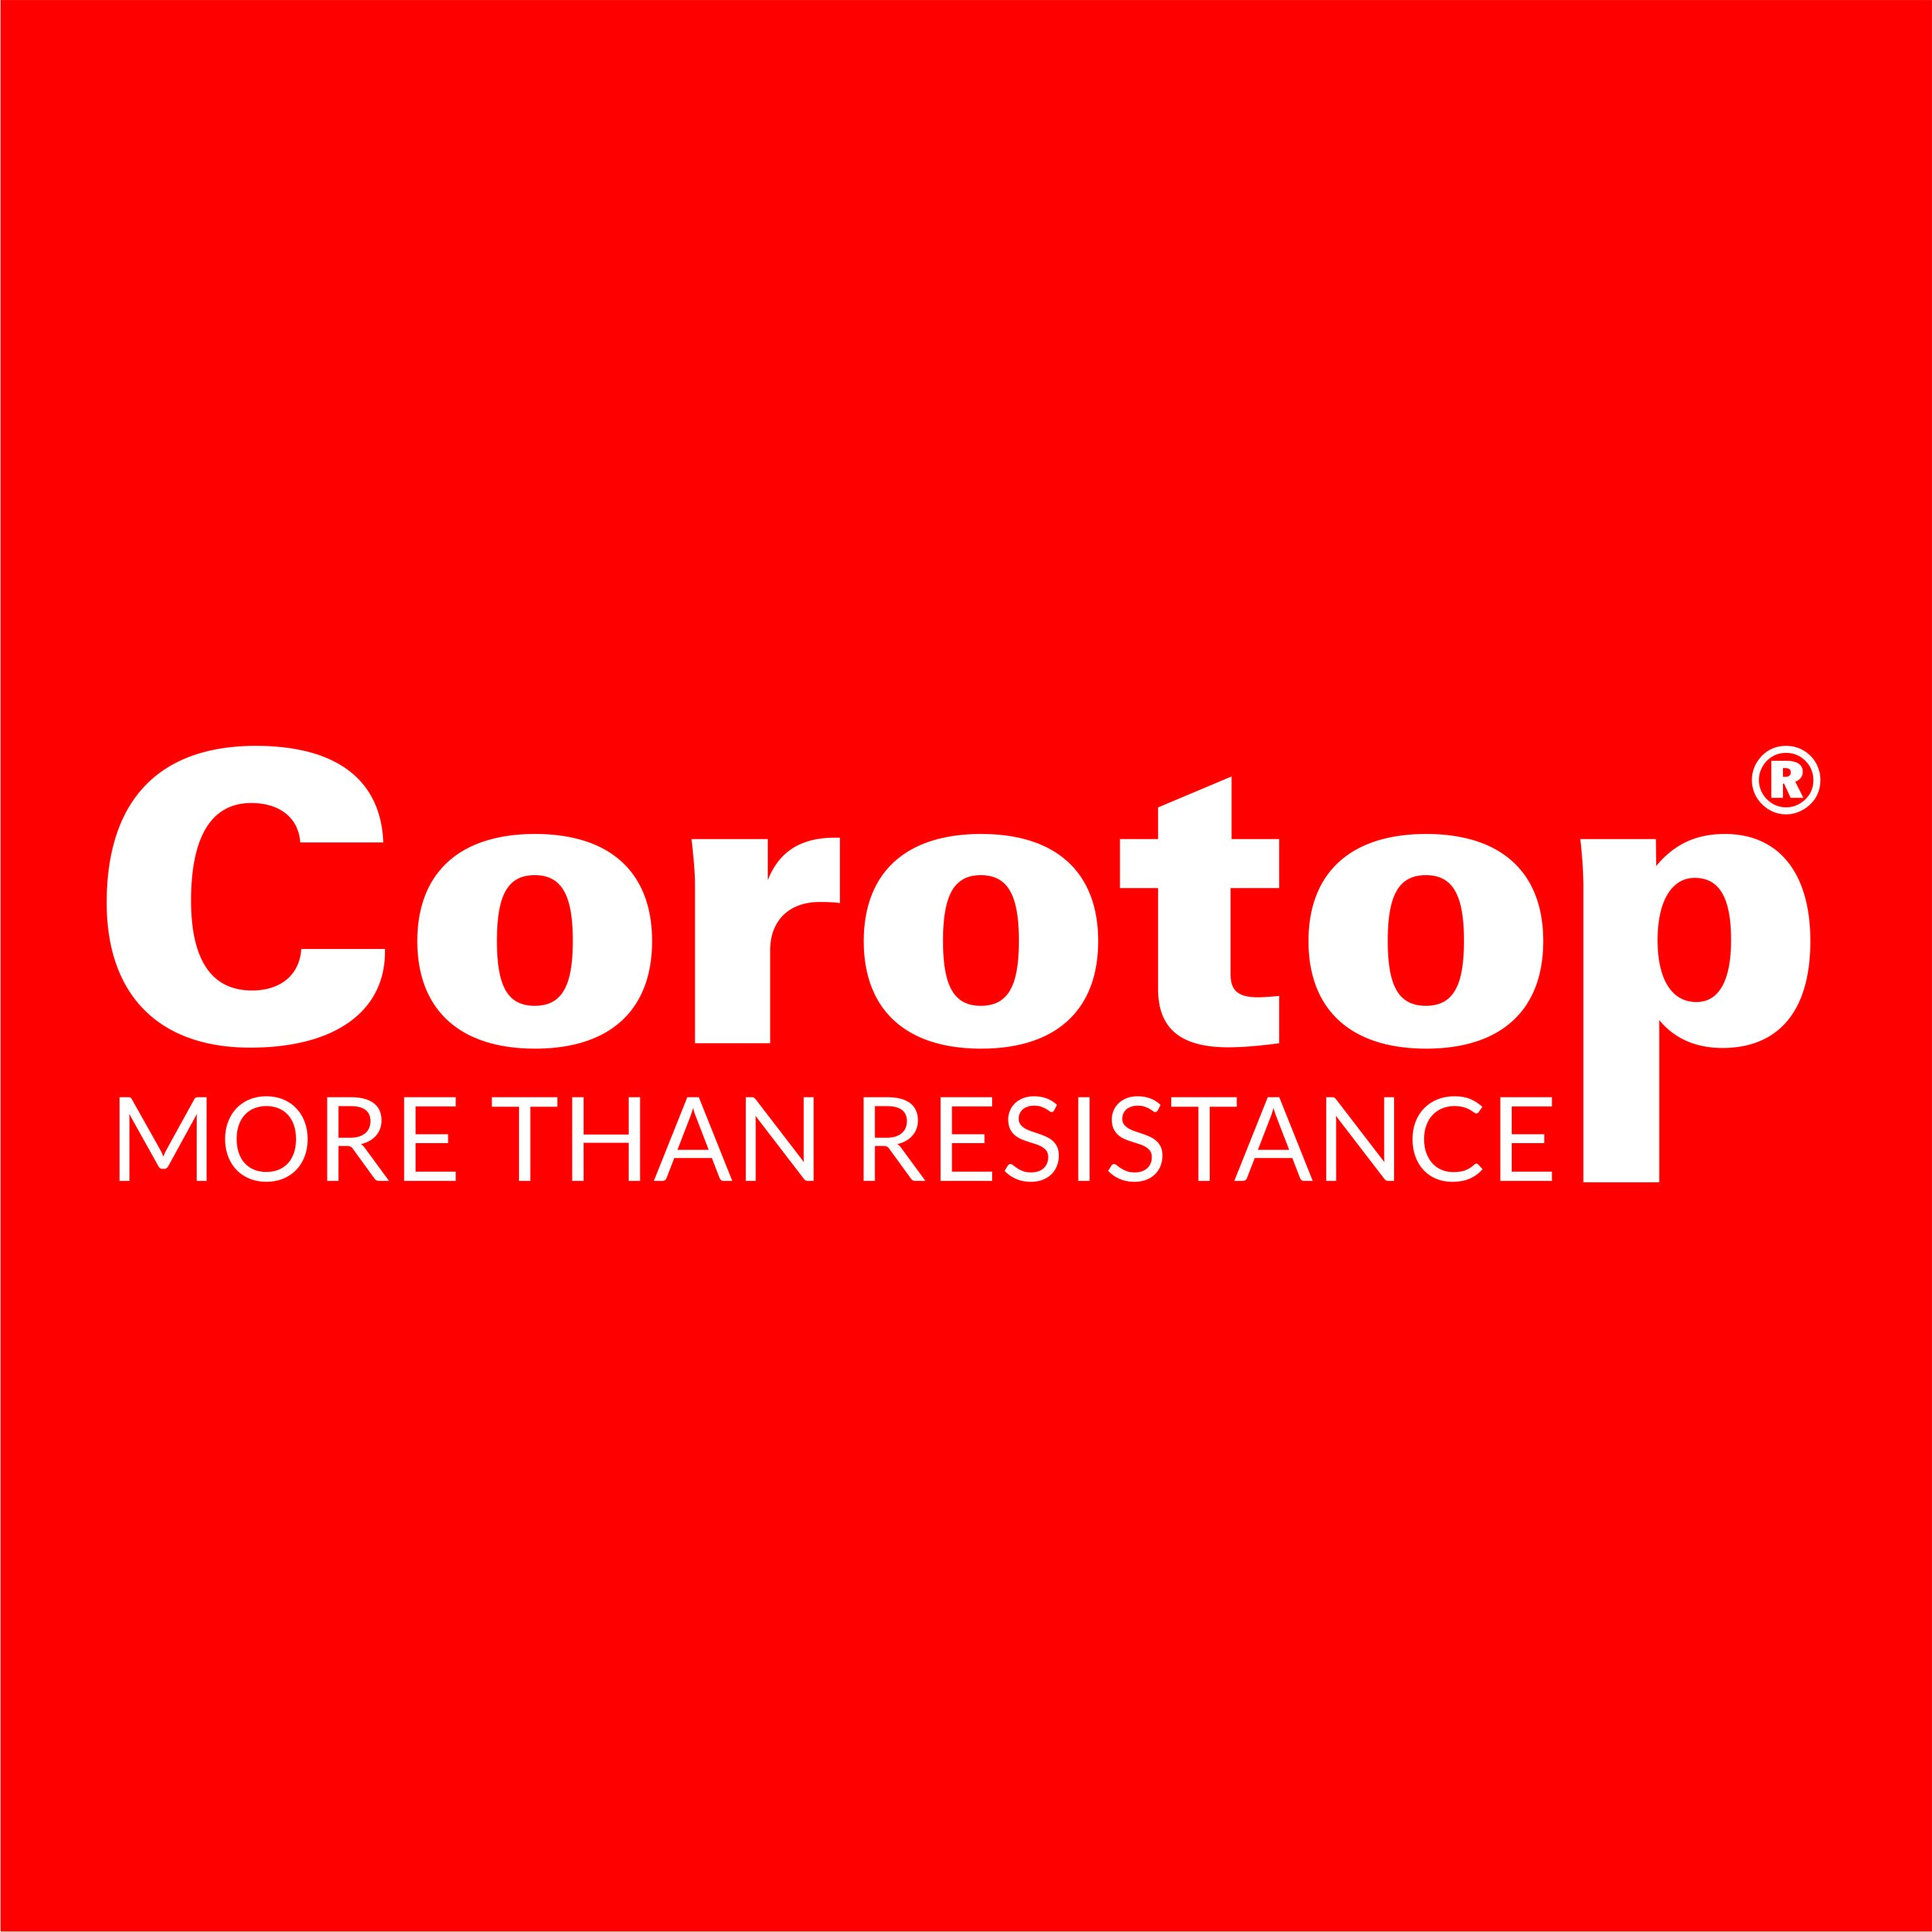 Corotop